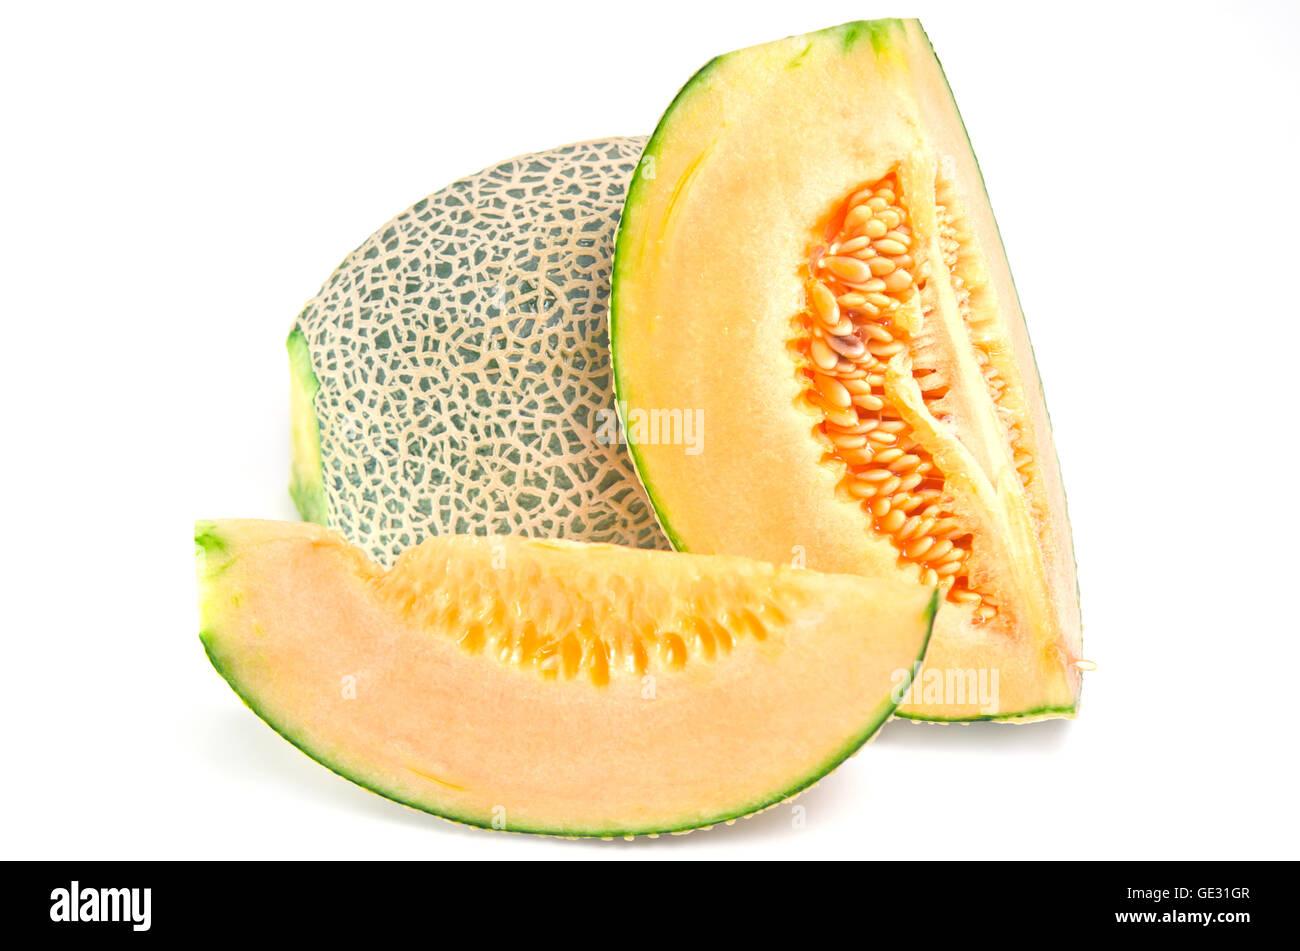 Cucumis melo o serie di melone nel vassoio in acciaio (Altri nomi sono cantelope, cantaloup, melata, Crenshaw, casaba, Immagini Stock